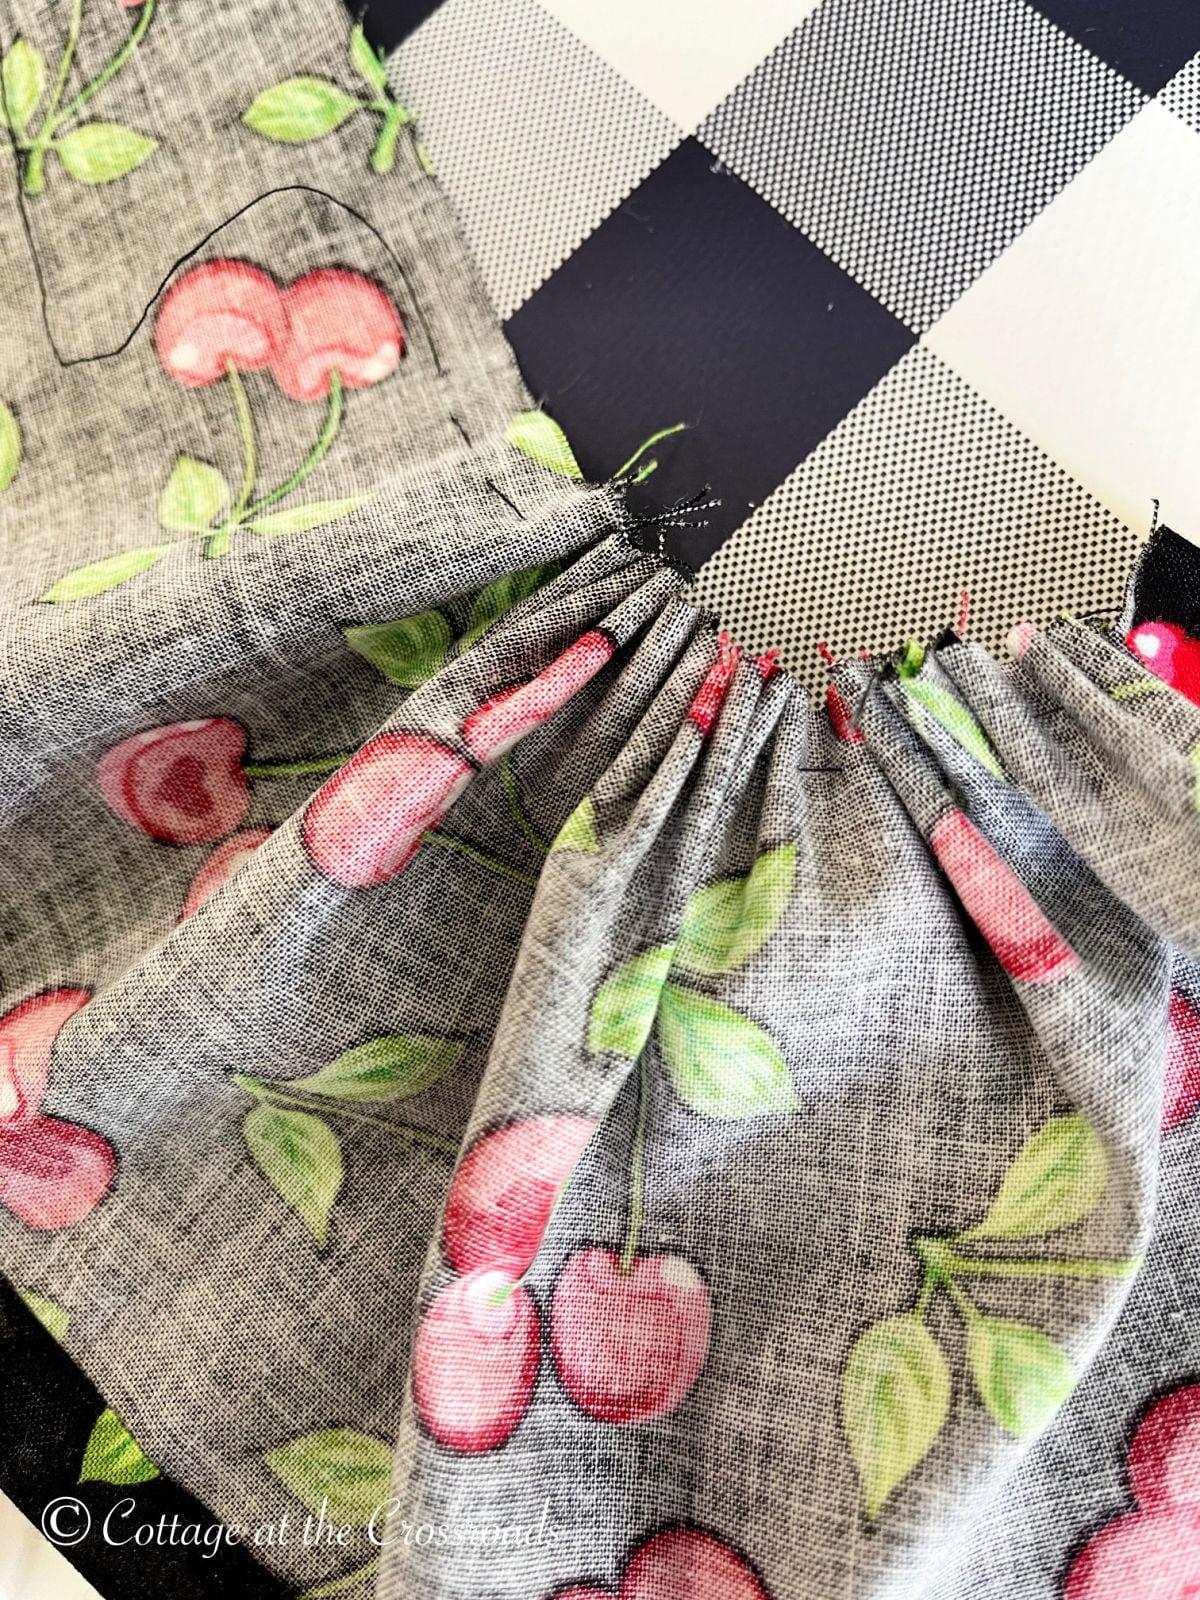 gathering fabric along a basting stitch